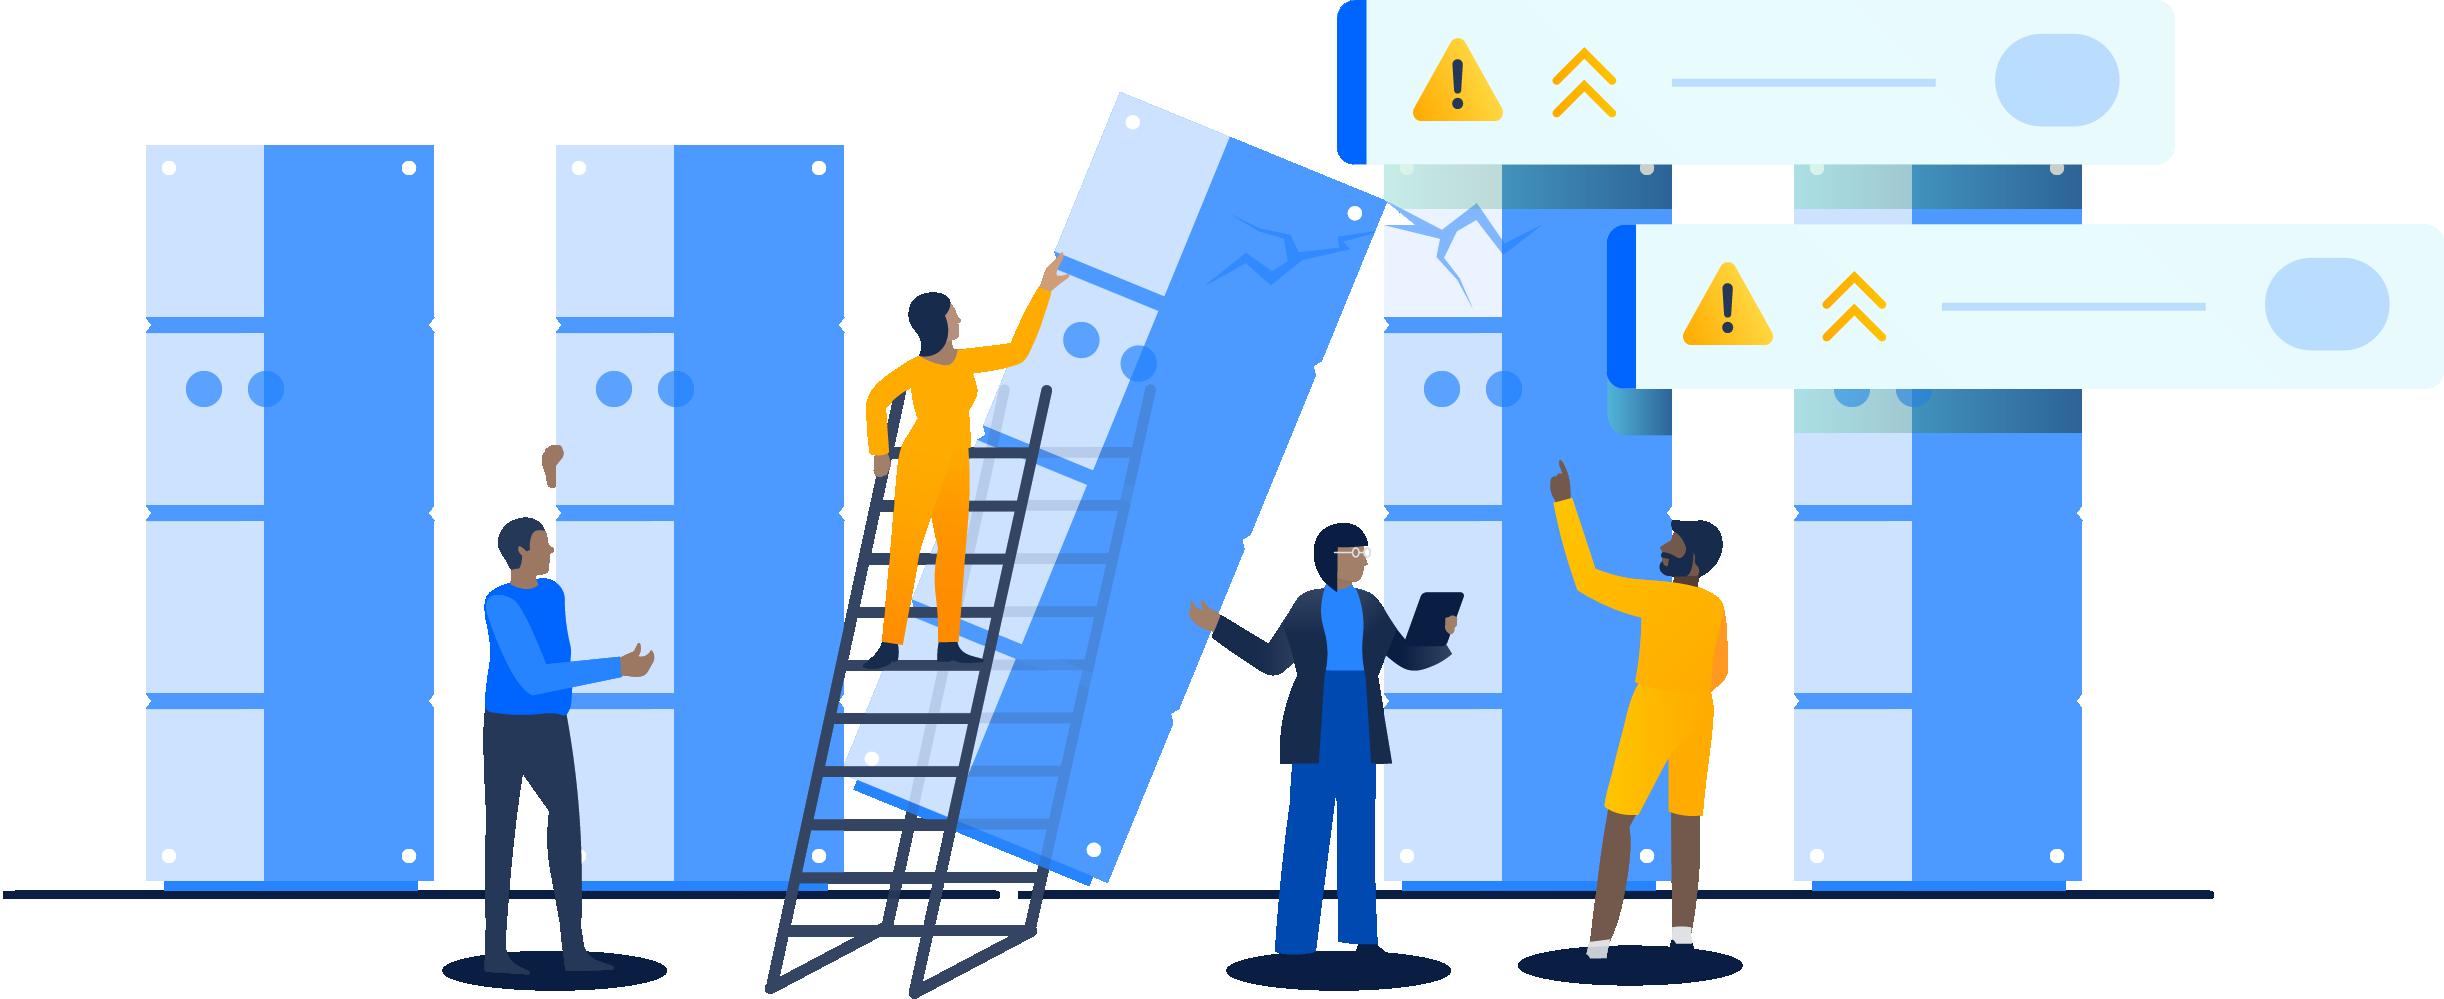 Serverkolonne, in der ein Server umkippt und Probleme verursacht